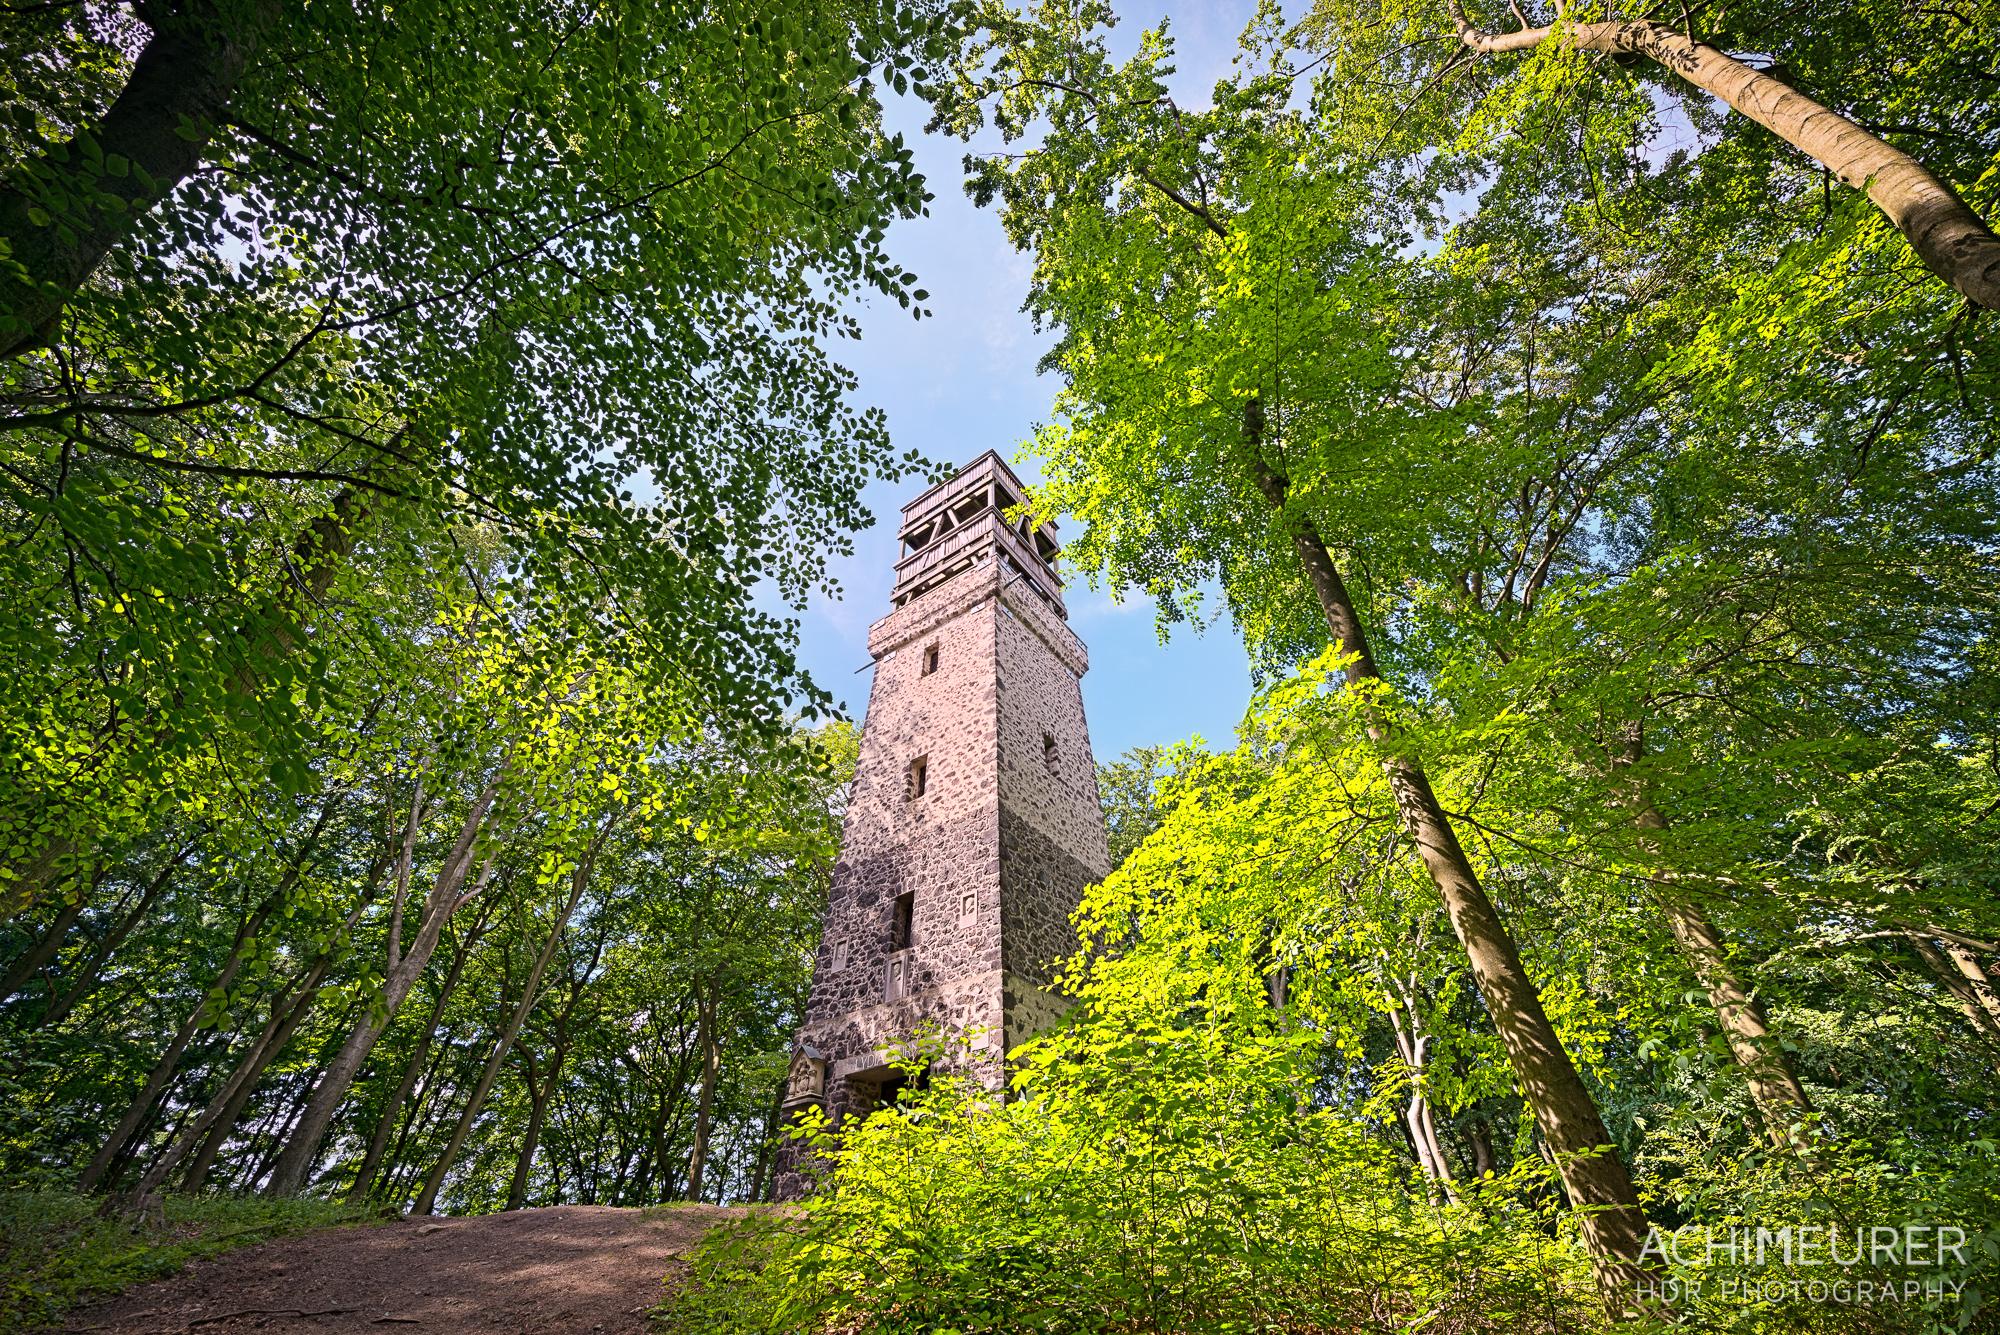 Eifel-Rheinland-Pfalz-Brohltal_5846_5_4_3_2_1_0_HDR